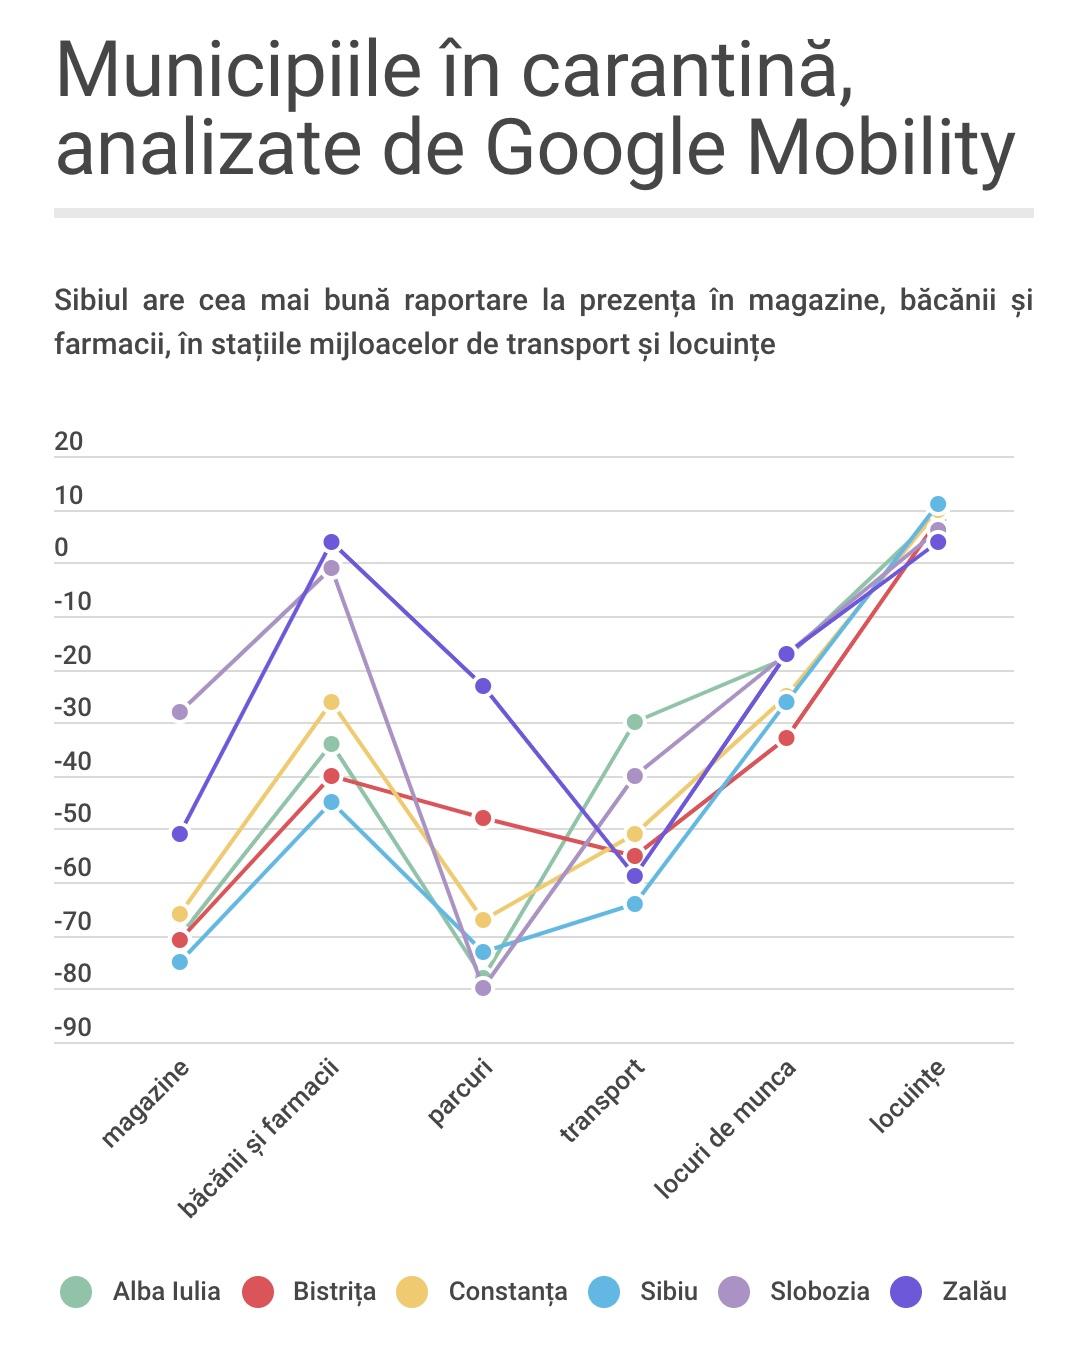 Sibienii au redevenit responsabili. Comparație pe datele Google Mobility între municipiile carantinate